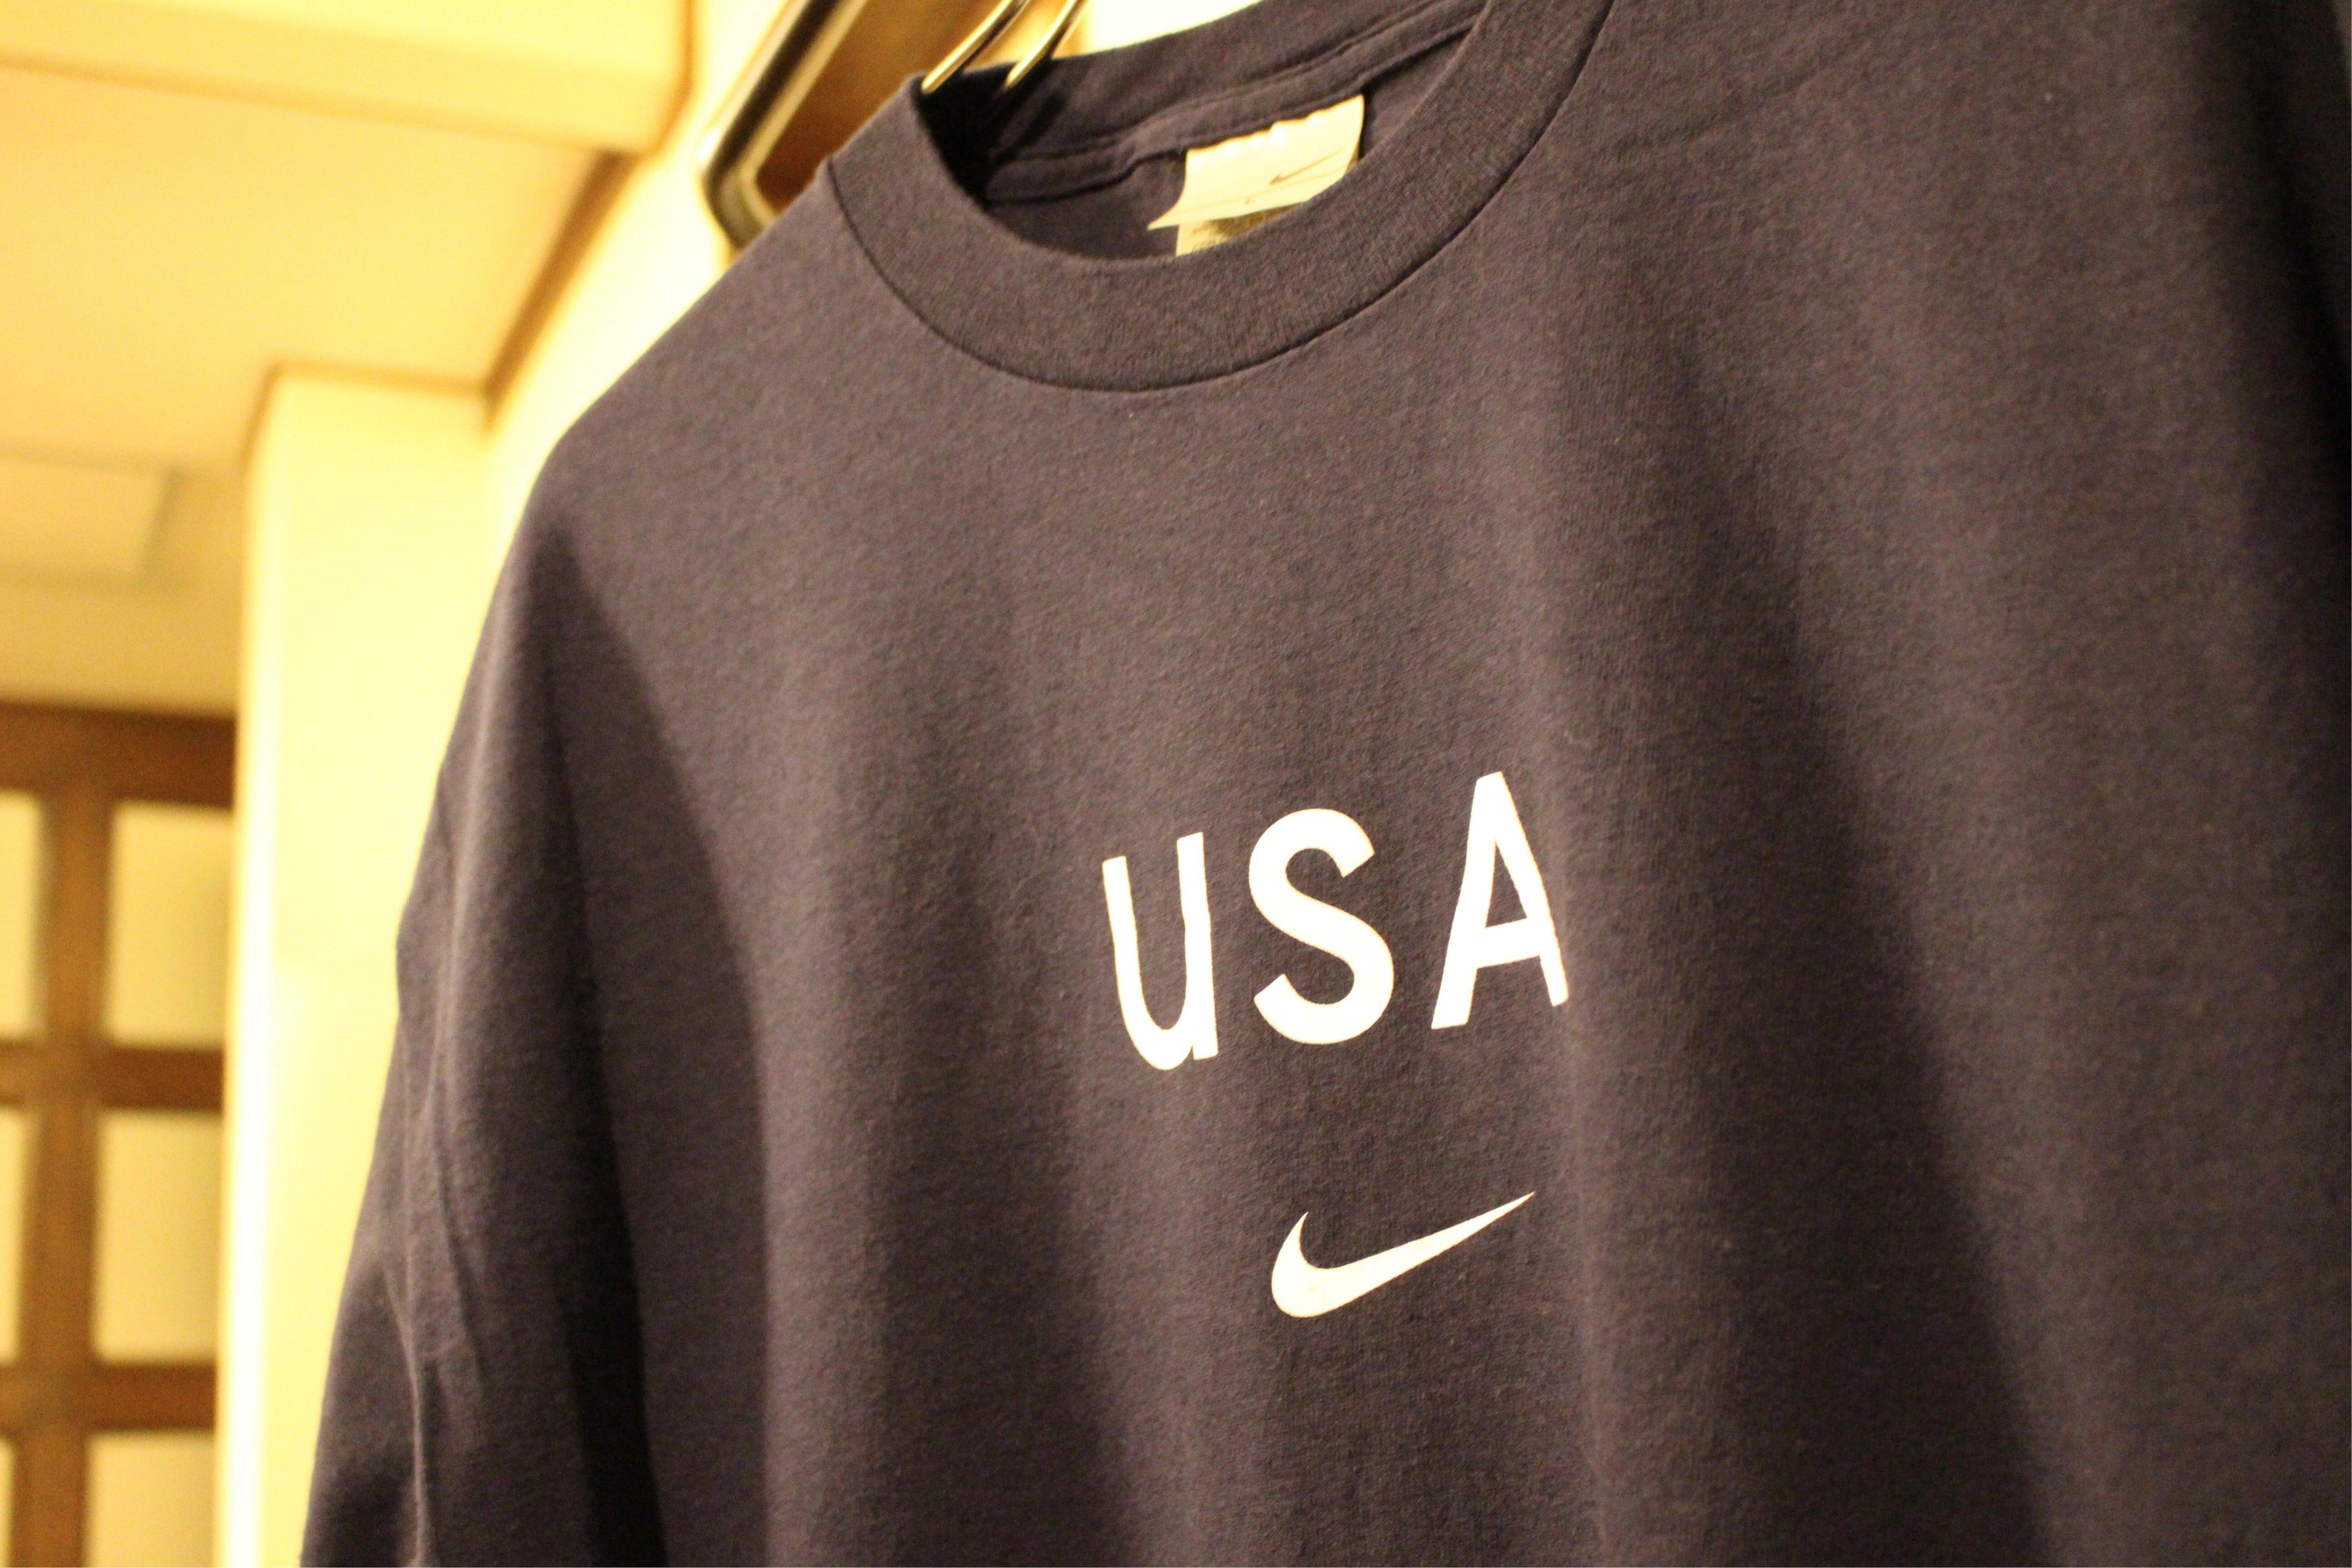 NIKE U.S.A